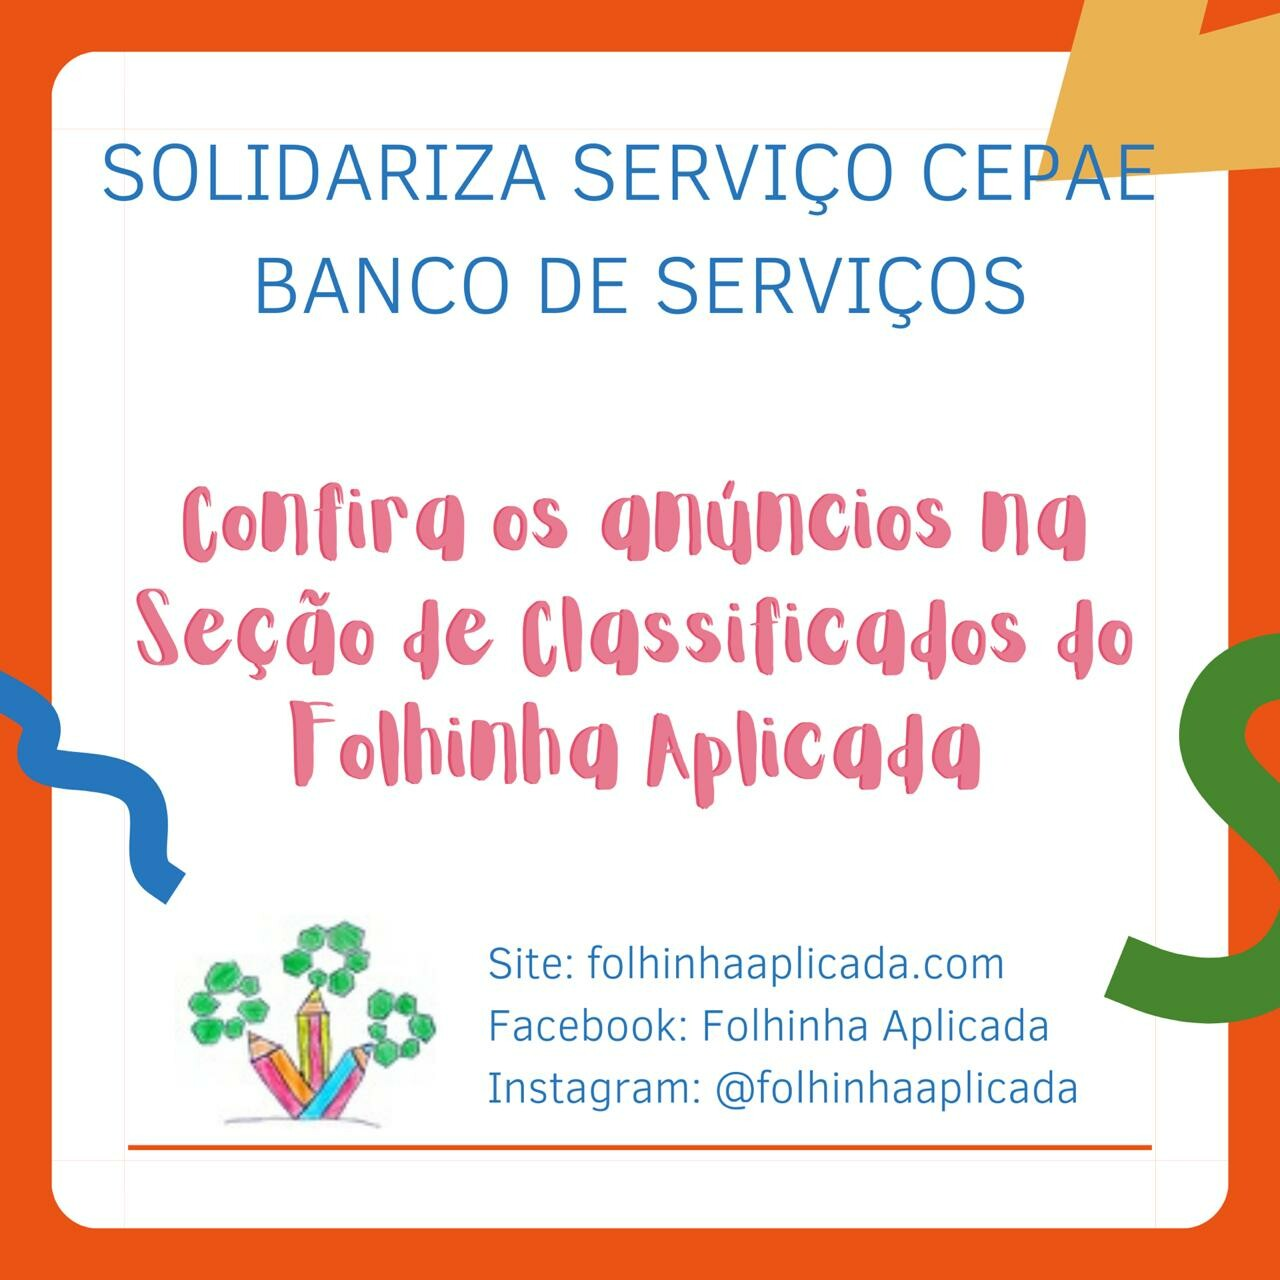 SOLIDARIZA SERVIÇO CEPAE BANCO DE SERVIÇOSConfira os anúncios na seção de classificados da folhinha aplicadaSite: https://www.folhinhaaplicada.com/